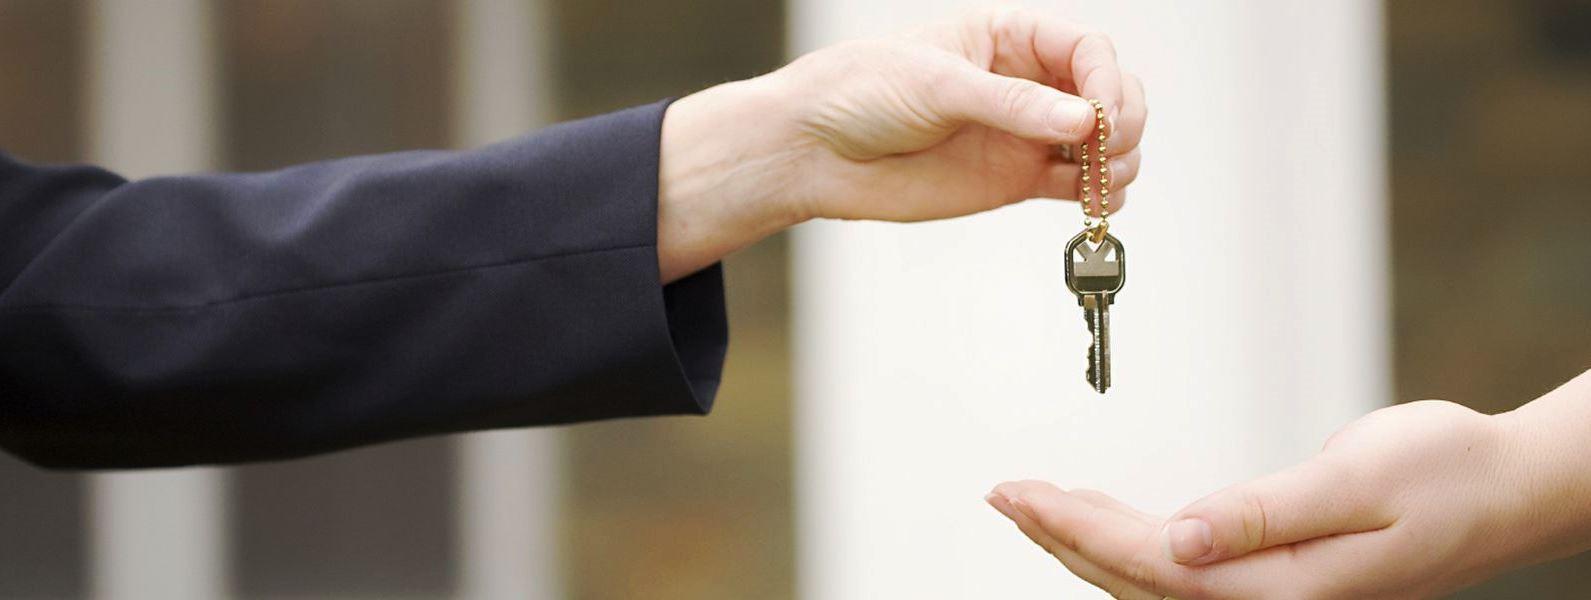 El Método de Comparación determina el posible valor de mercado del inmueble por comparación con los precios conocidos de otros inmuebles semejantes en el mercado inmobiliario, comprobados por transacciones realizadas.